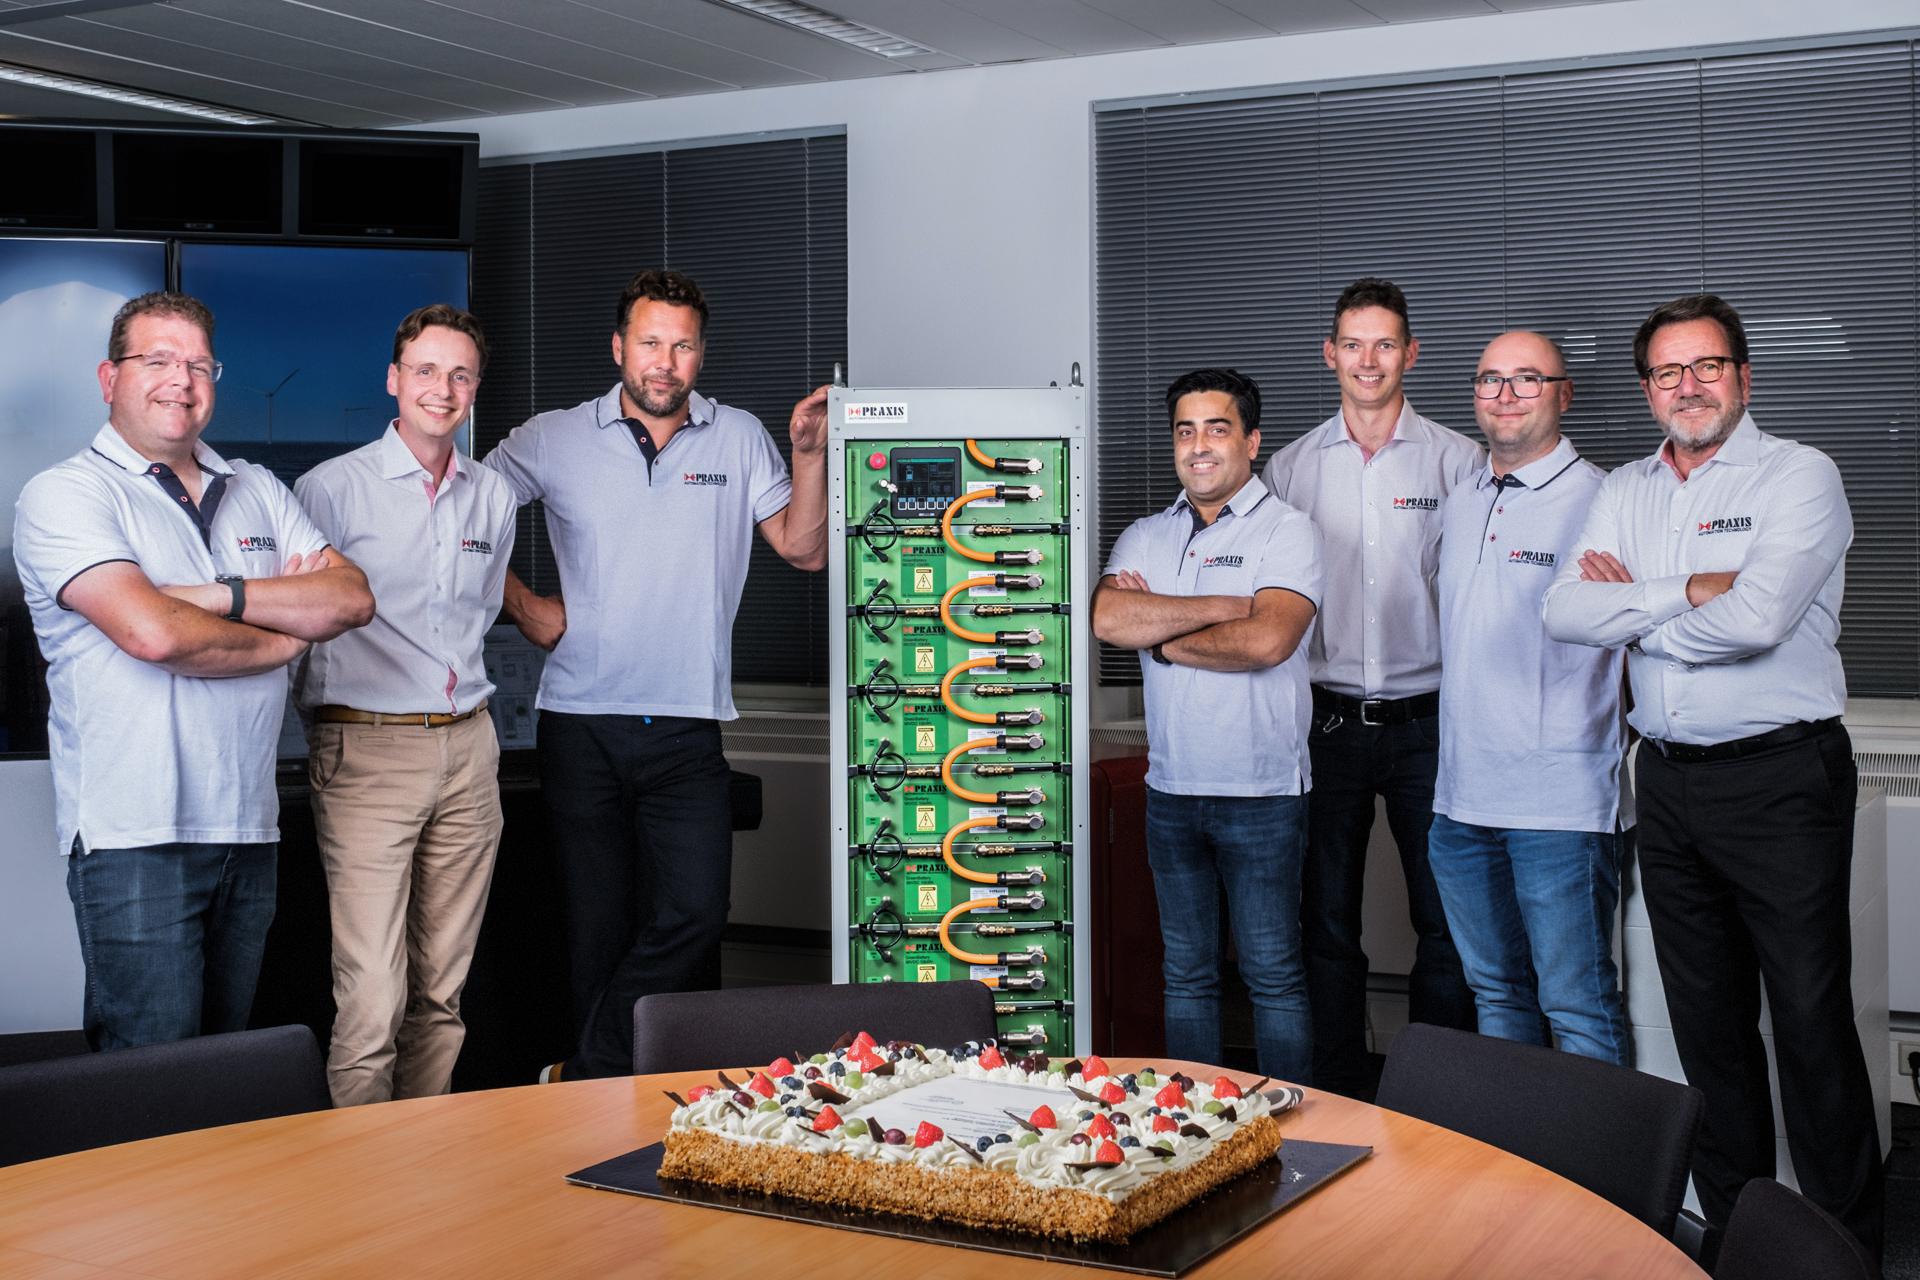 Het team van Praxis Automation samen met de batterij. (Foto Praxis Automation)